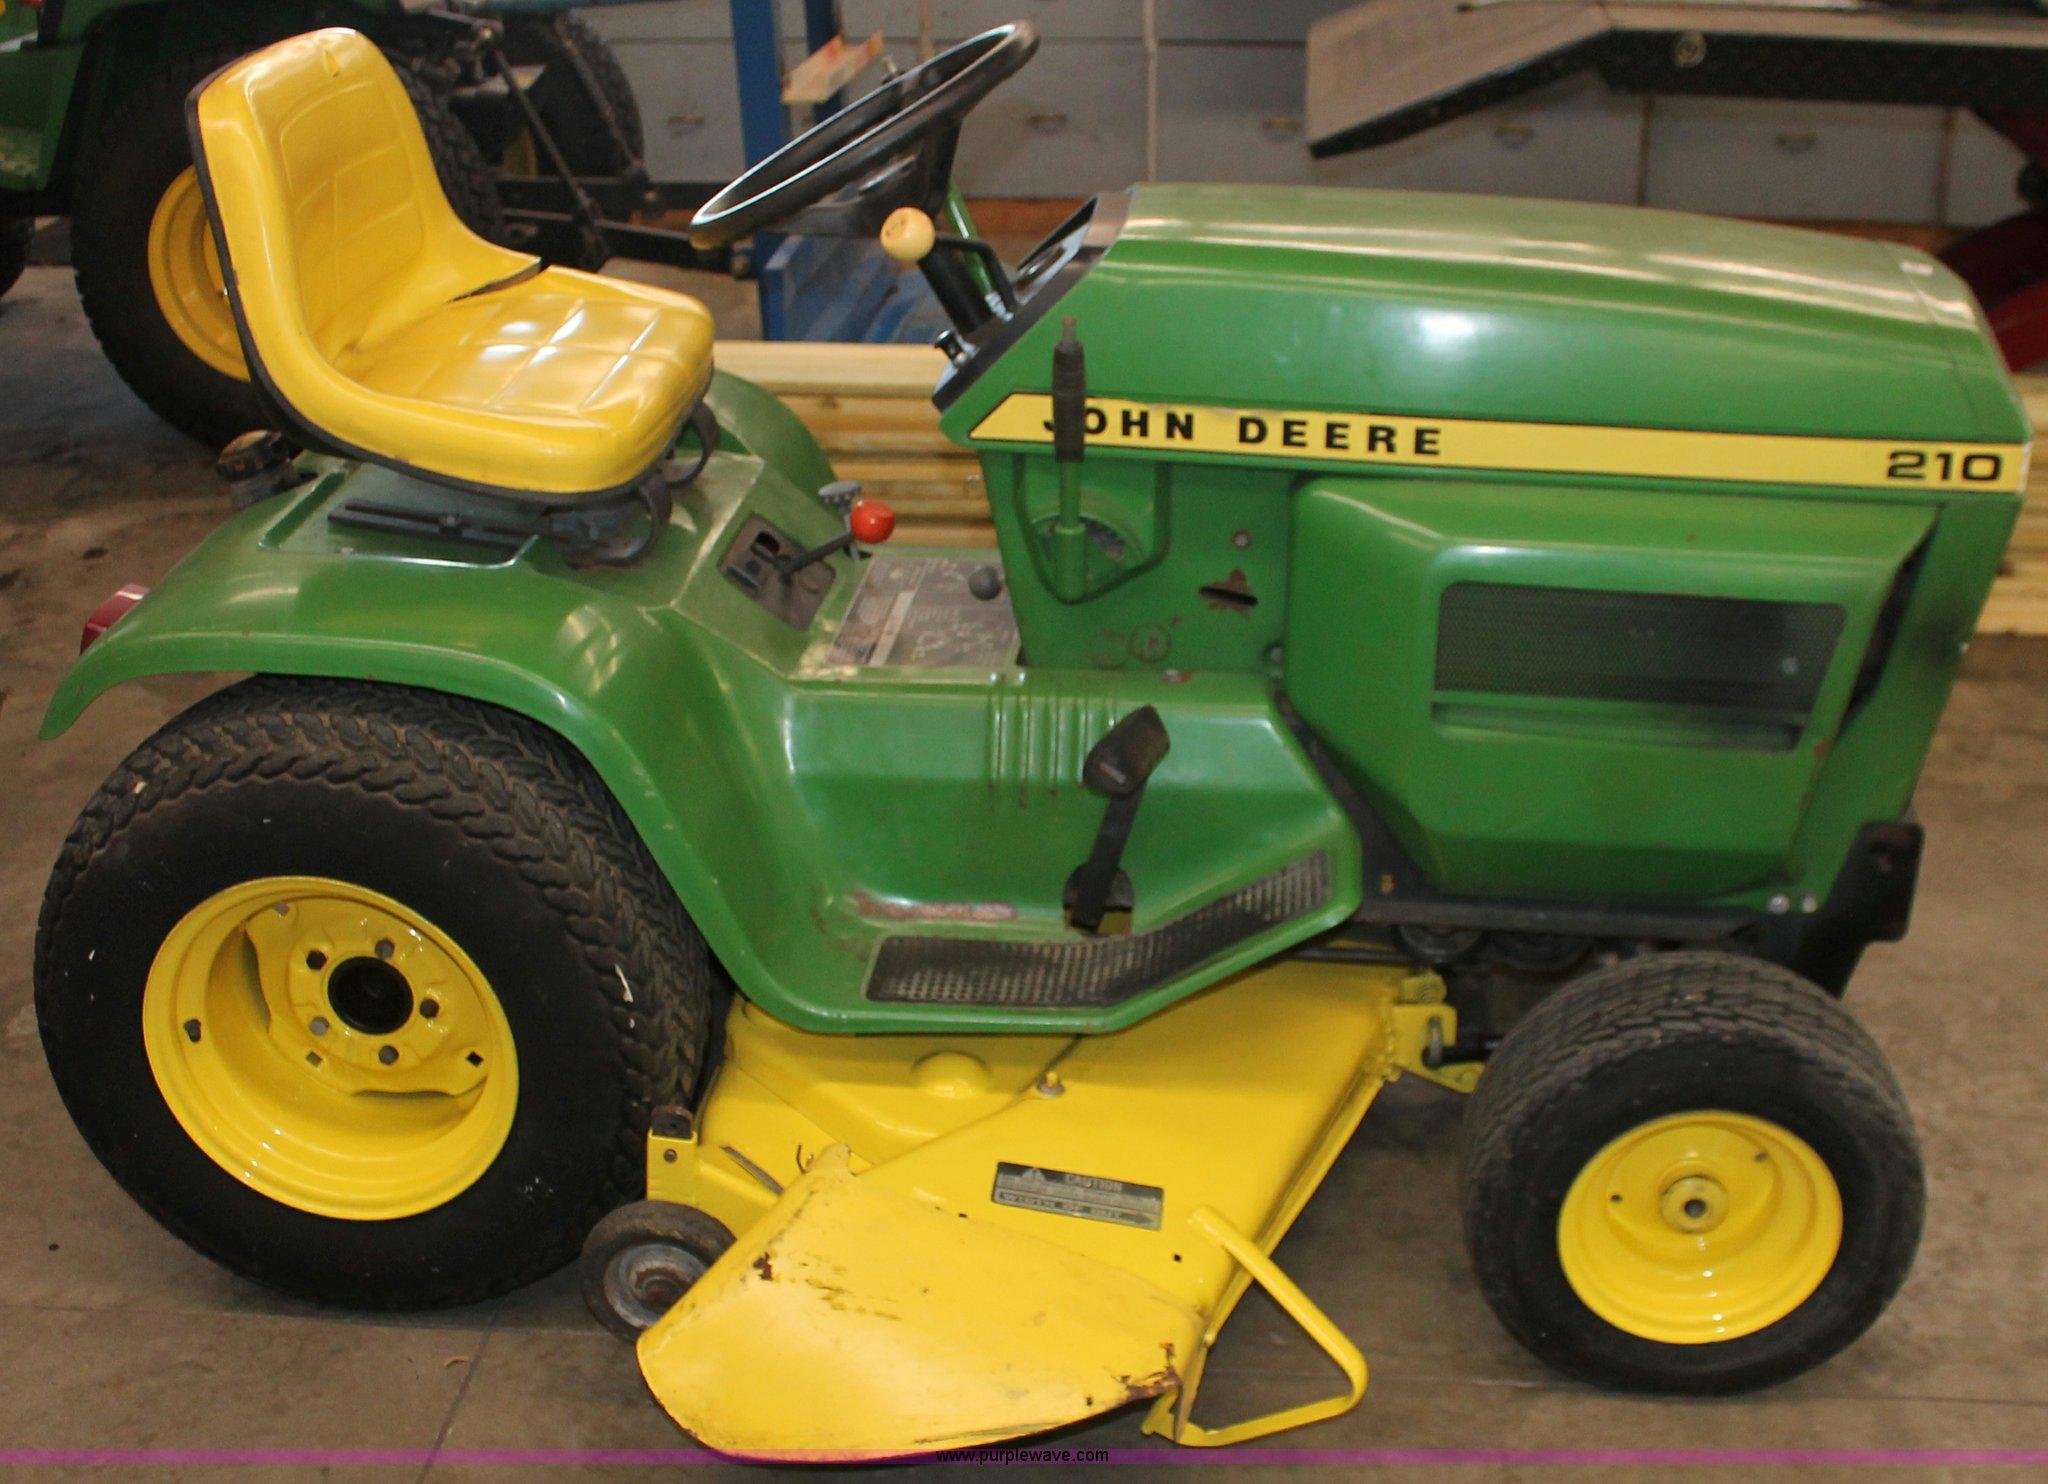 John Deere 210 Lawn Tractor In Abilene Ks Item V9248 Sold Purple Wave